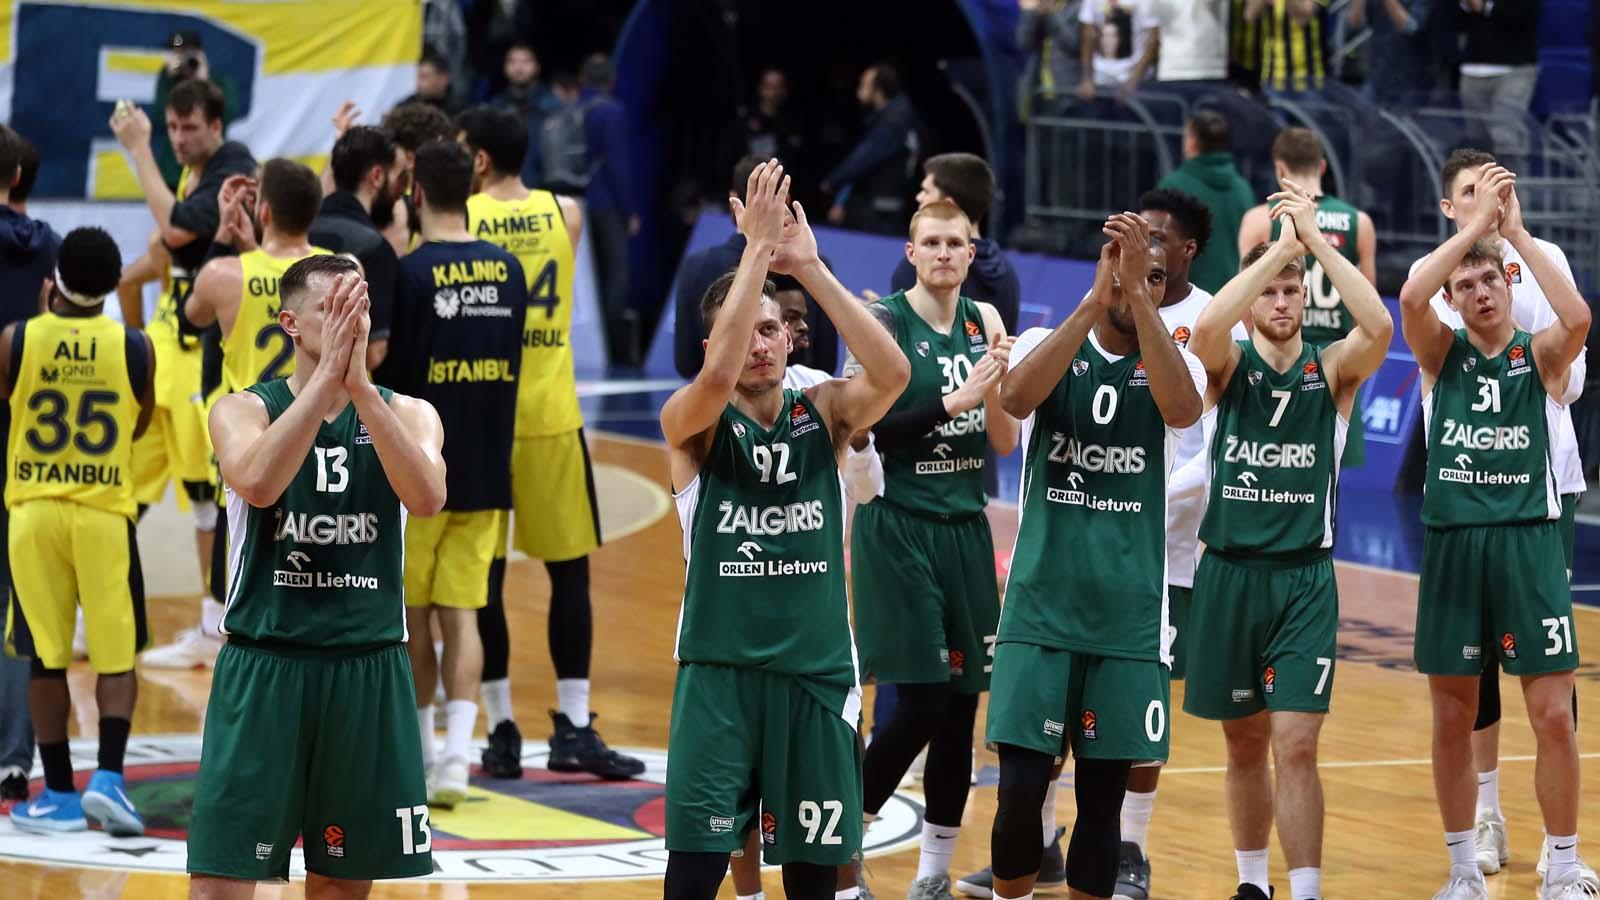 Play-off'taki rakibimiz Zalgiris Kaunas'ı tanıyalım